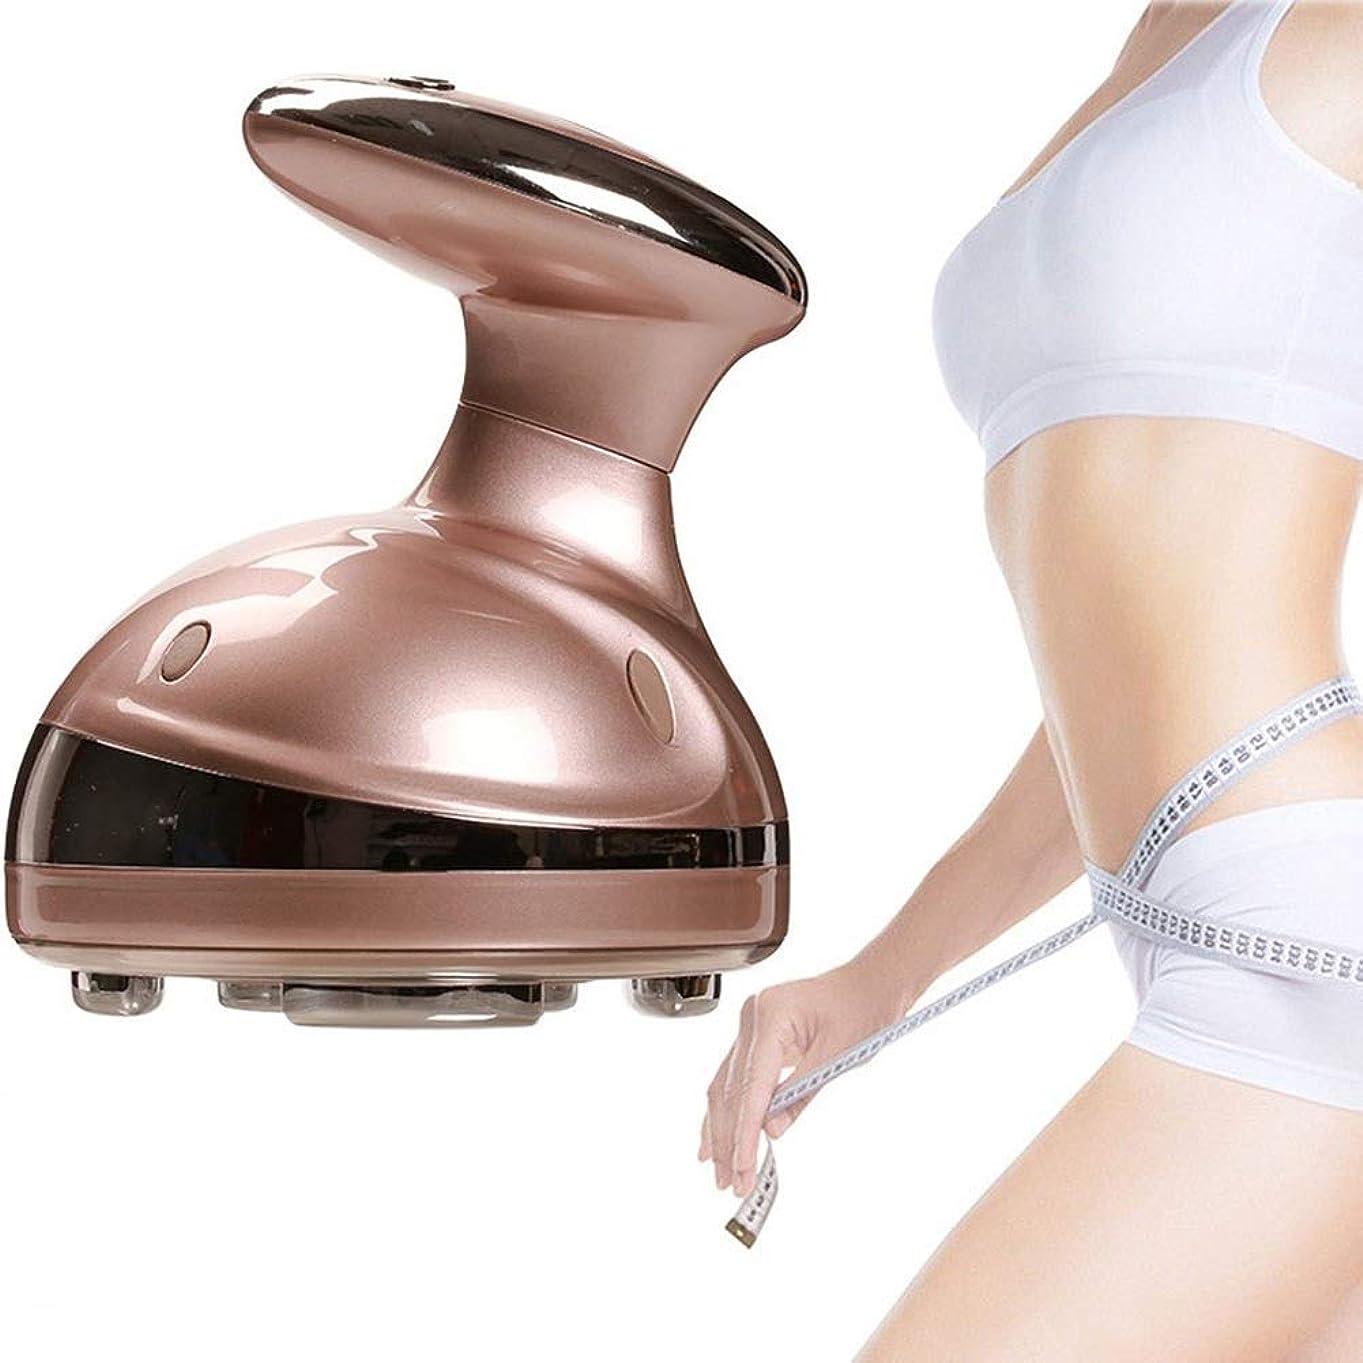 消費寸前回答超音波脂肪除去機、RF脂肪燃焼振動整形美容器具脂肪除去体重減少デバイス、LEDフォトンアンチセルライト痩身ボディ美容院